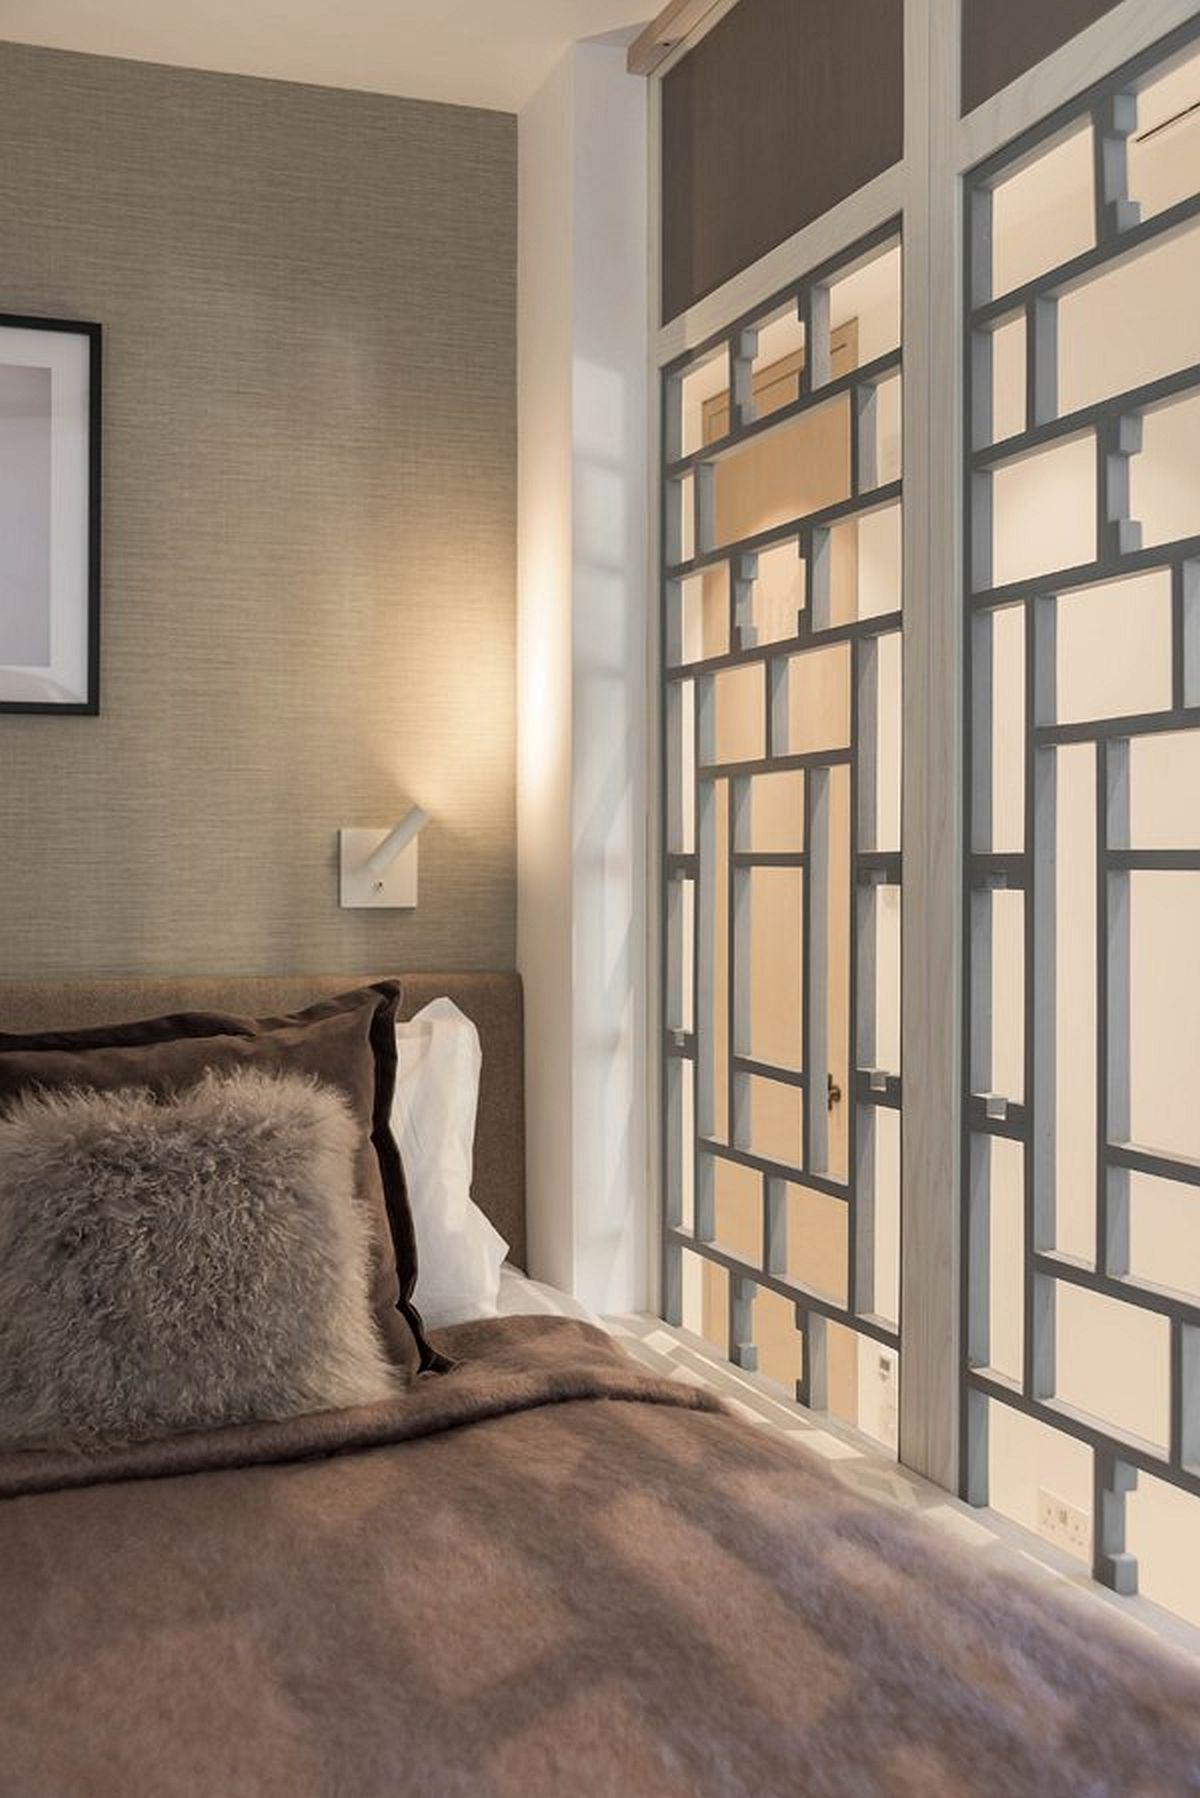 Panourile decorative ce separă patul, folosite și pentur ușa culisantă de la bucătărie, sunt inspirate din desenul ferestrei din living. Realizate pe comandă, ele maschează, dar și decorează în același timp. Prezența aplicelor de perete a fost gândită din faza de proiect, așa că și iluminatul puctat este rezolvat.